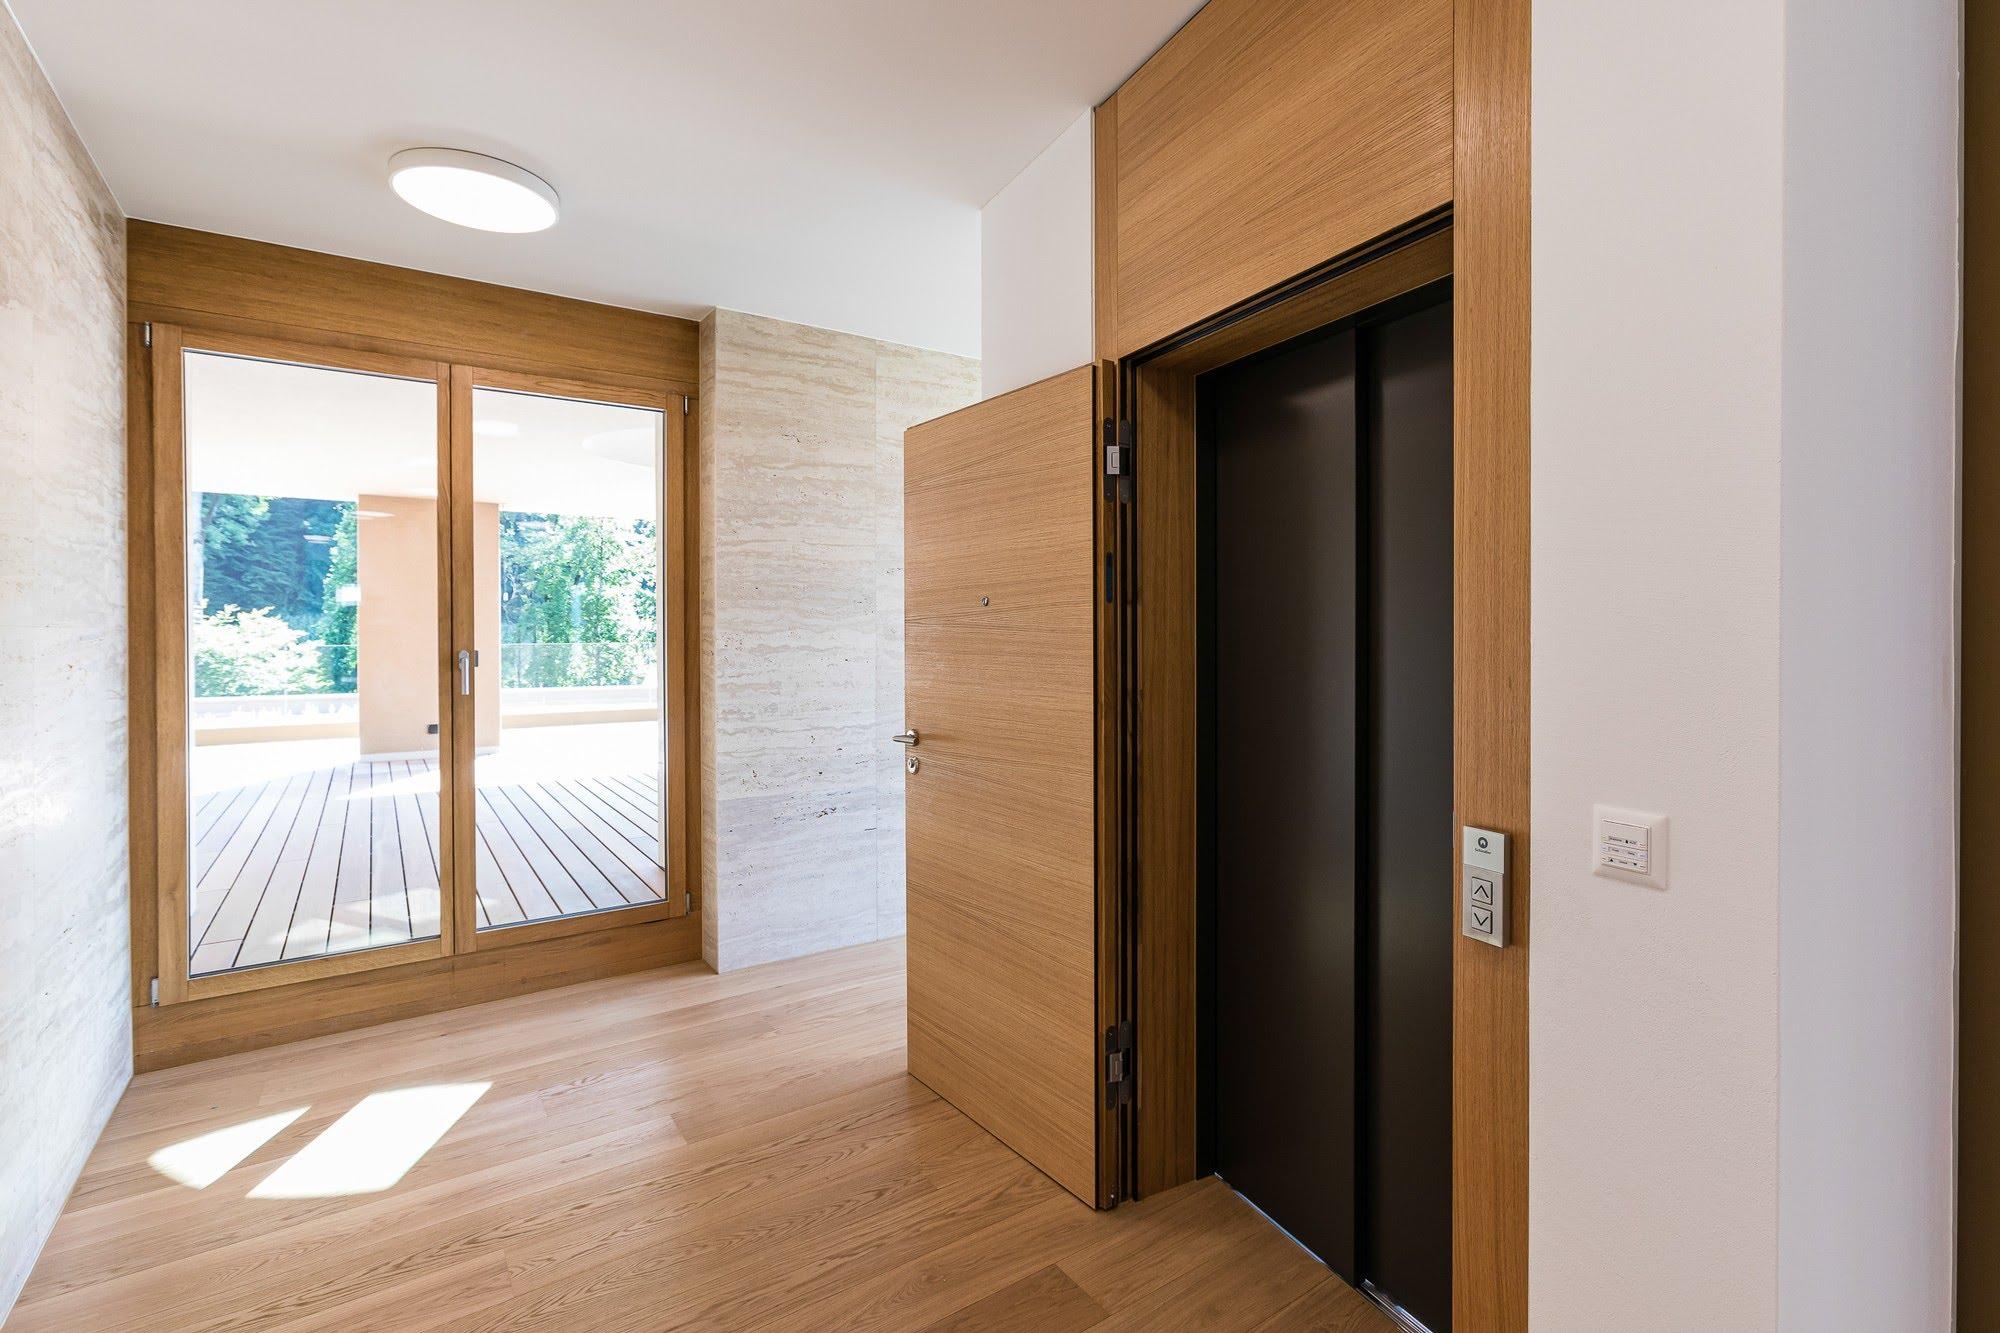 Wohnen MFH MFH Kirschgarten in Schenkon (BB4) Architektur,Wohnungsbau,Wohnhäuser,Einfamilienhäuser,Mehrfamilienhäuser